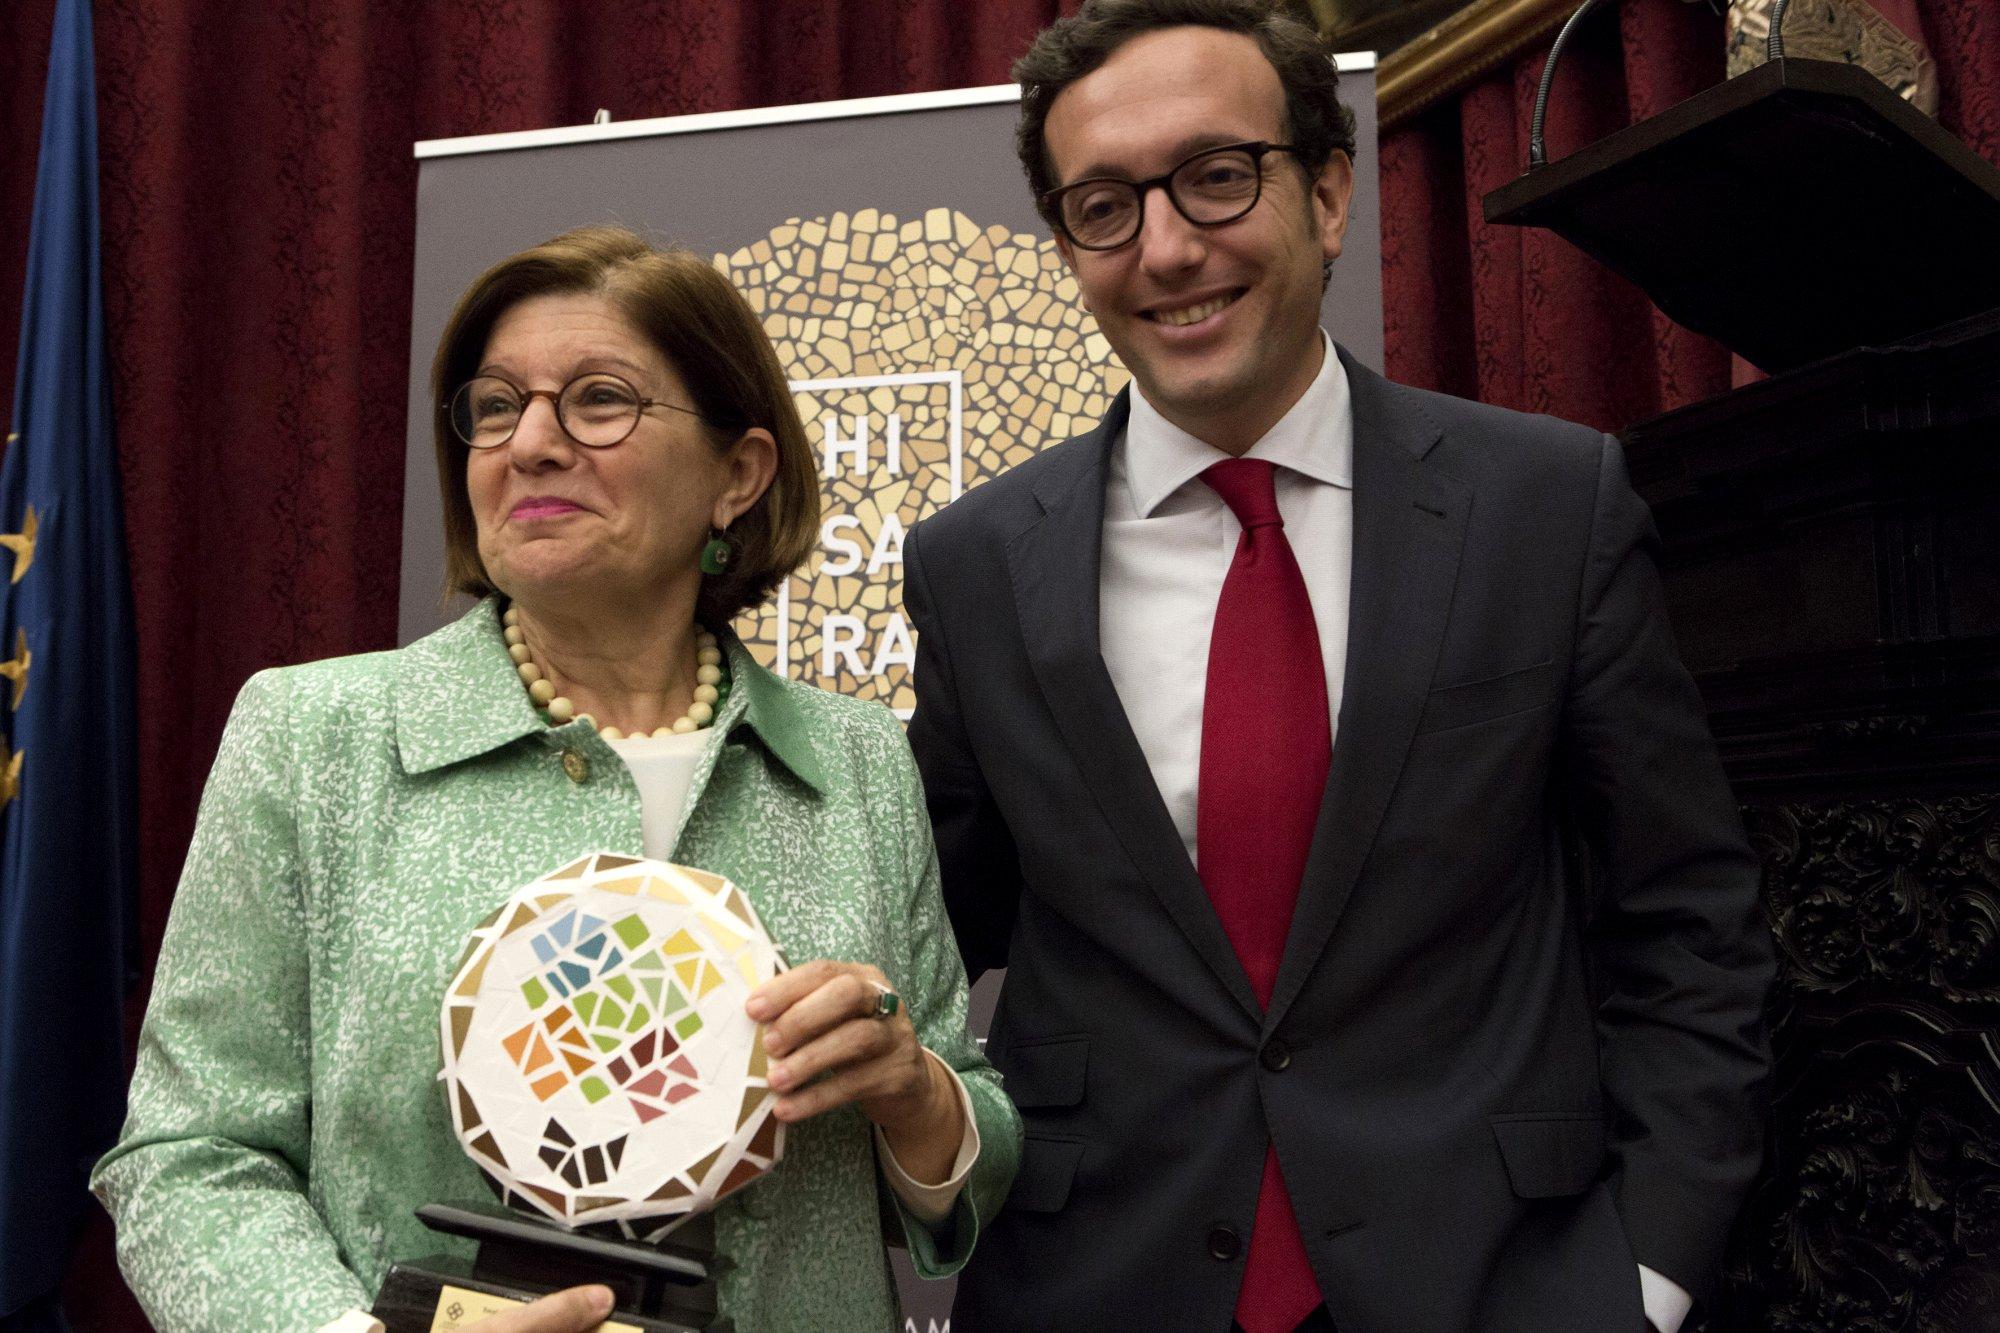 Ms. Rosario Berriel Martínez from Universidad de Las Palmas de Gran Canaria and Mr. Alfonso Gentil from SEPIE